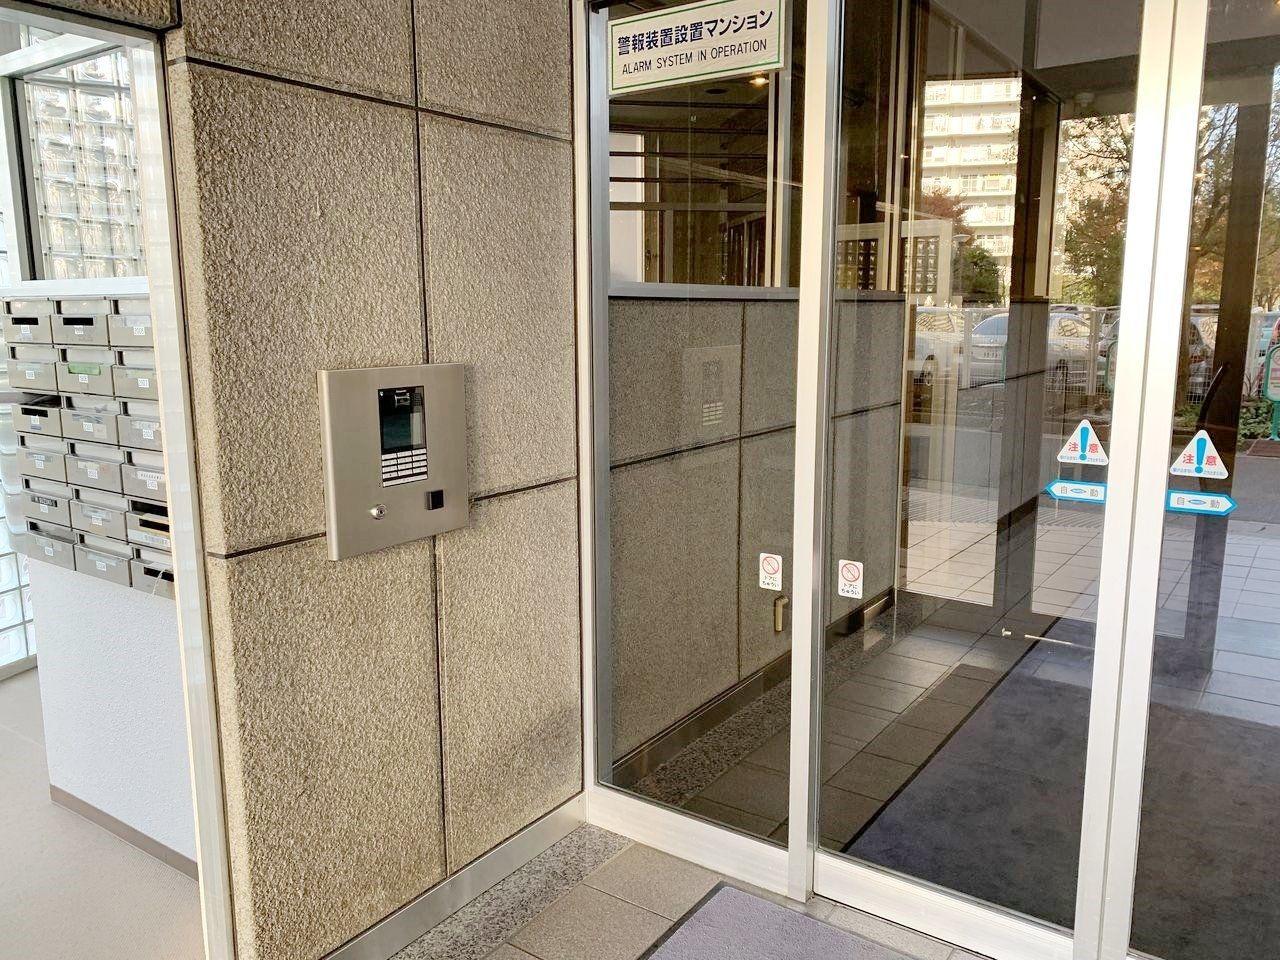 パークフィールドみさとテラ・ウエスト4街区2号館タワーズⅡはオートロック付きで、安心です!